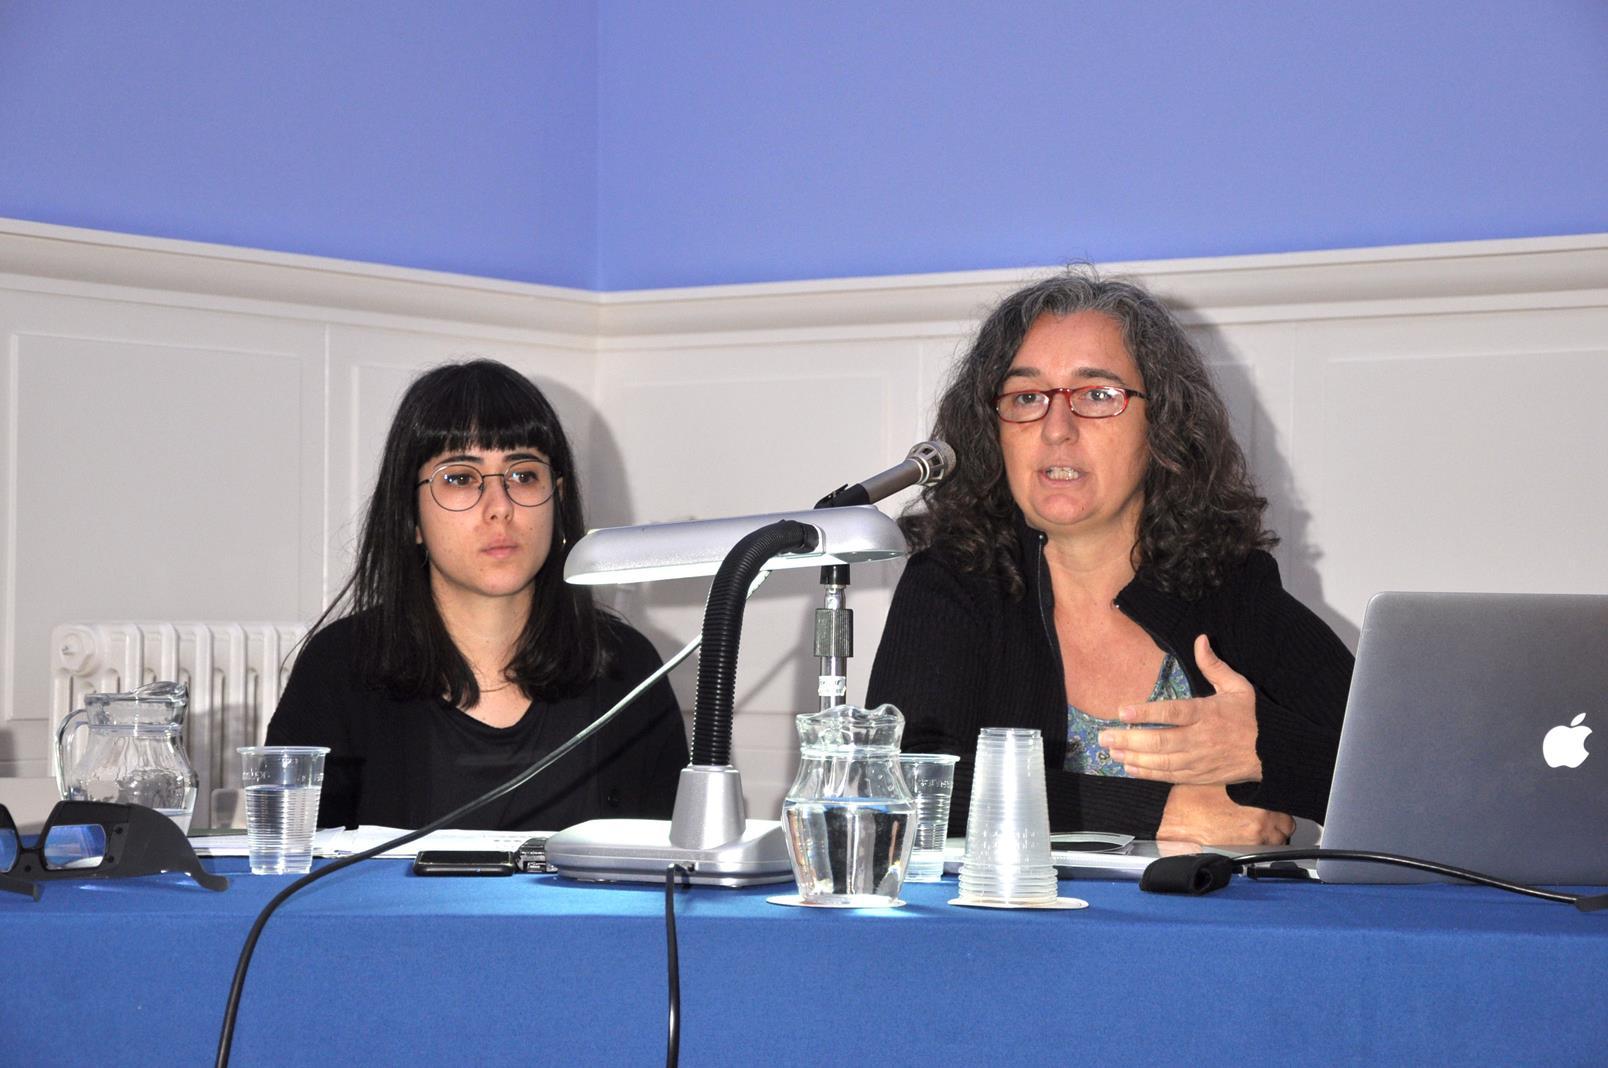 Aida Maideu Vergés y Laia Fox. IEFC, Fotoconnexio, Barcelona. 25/19/19